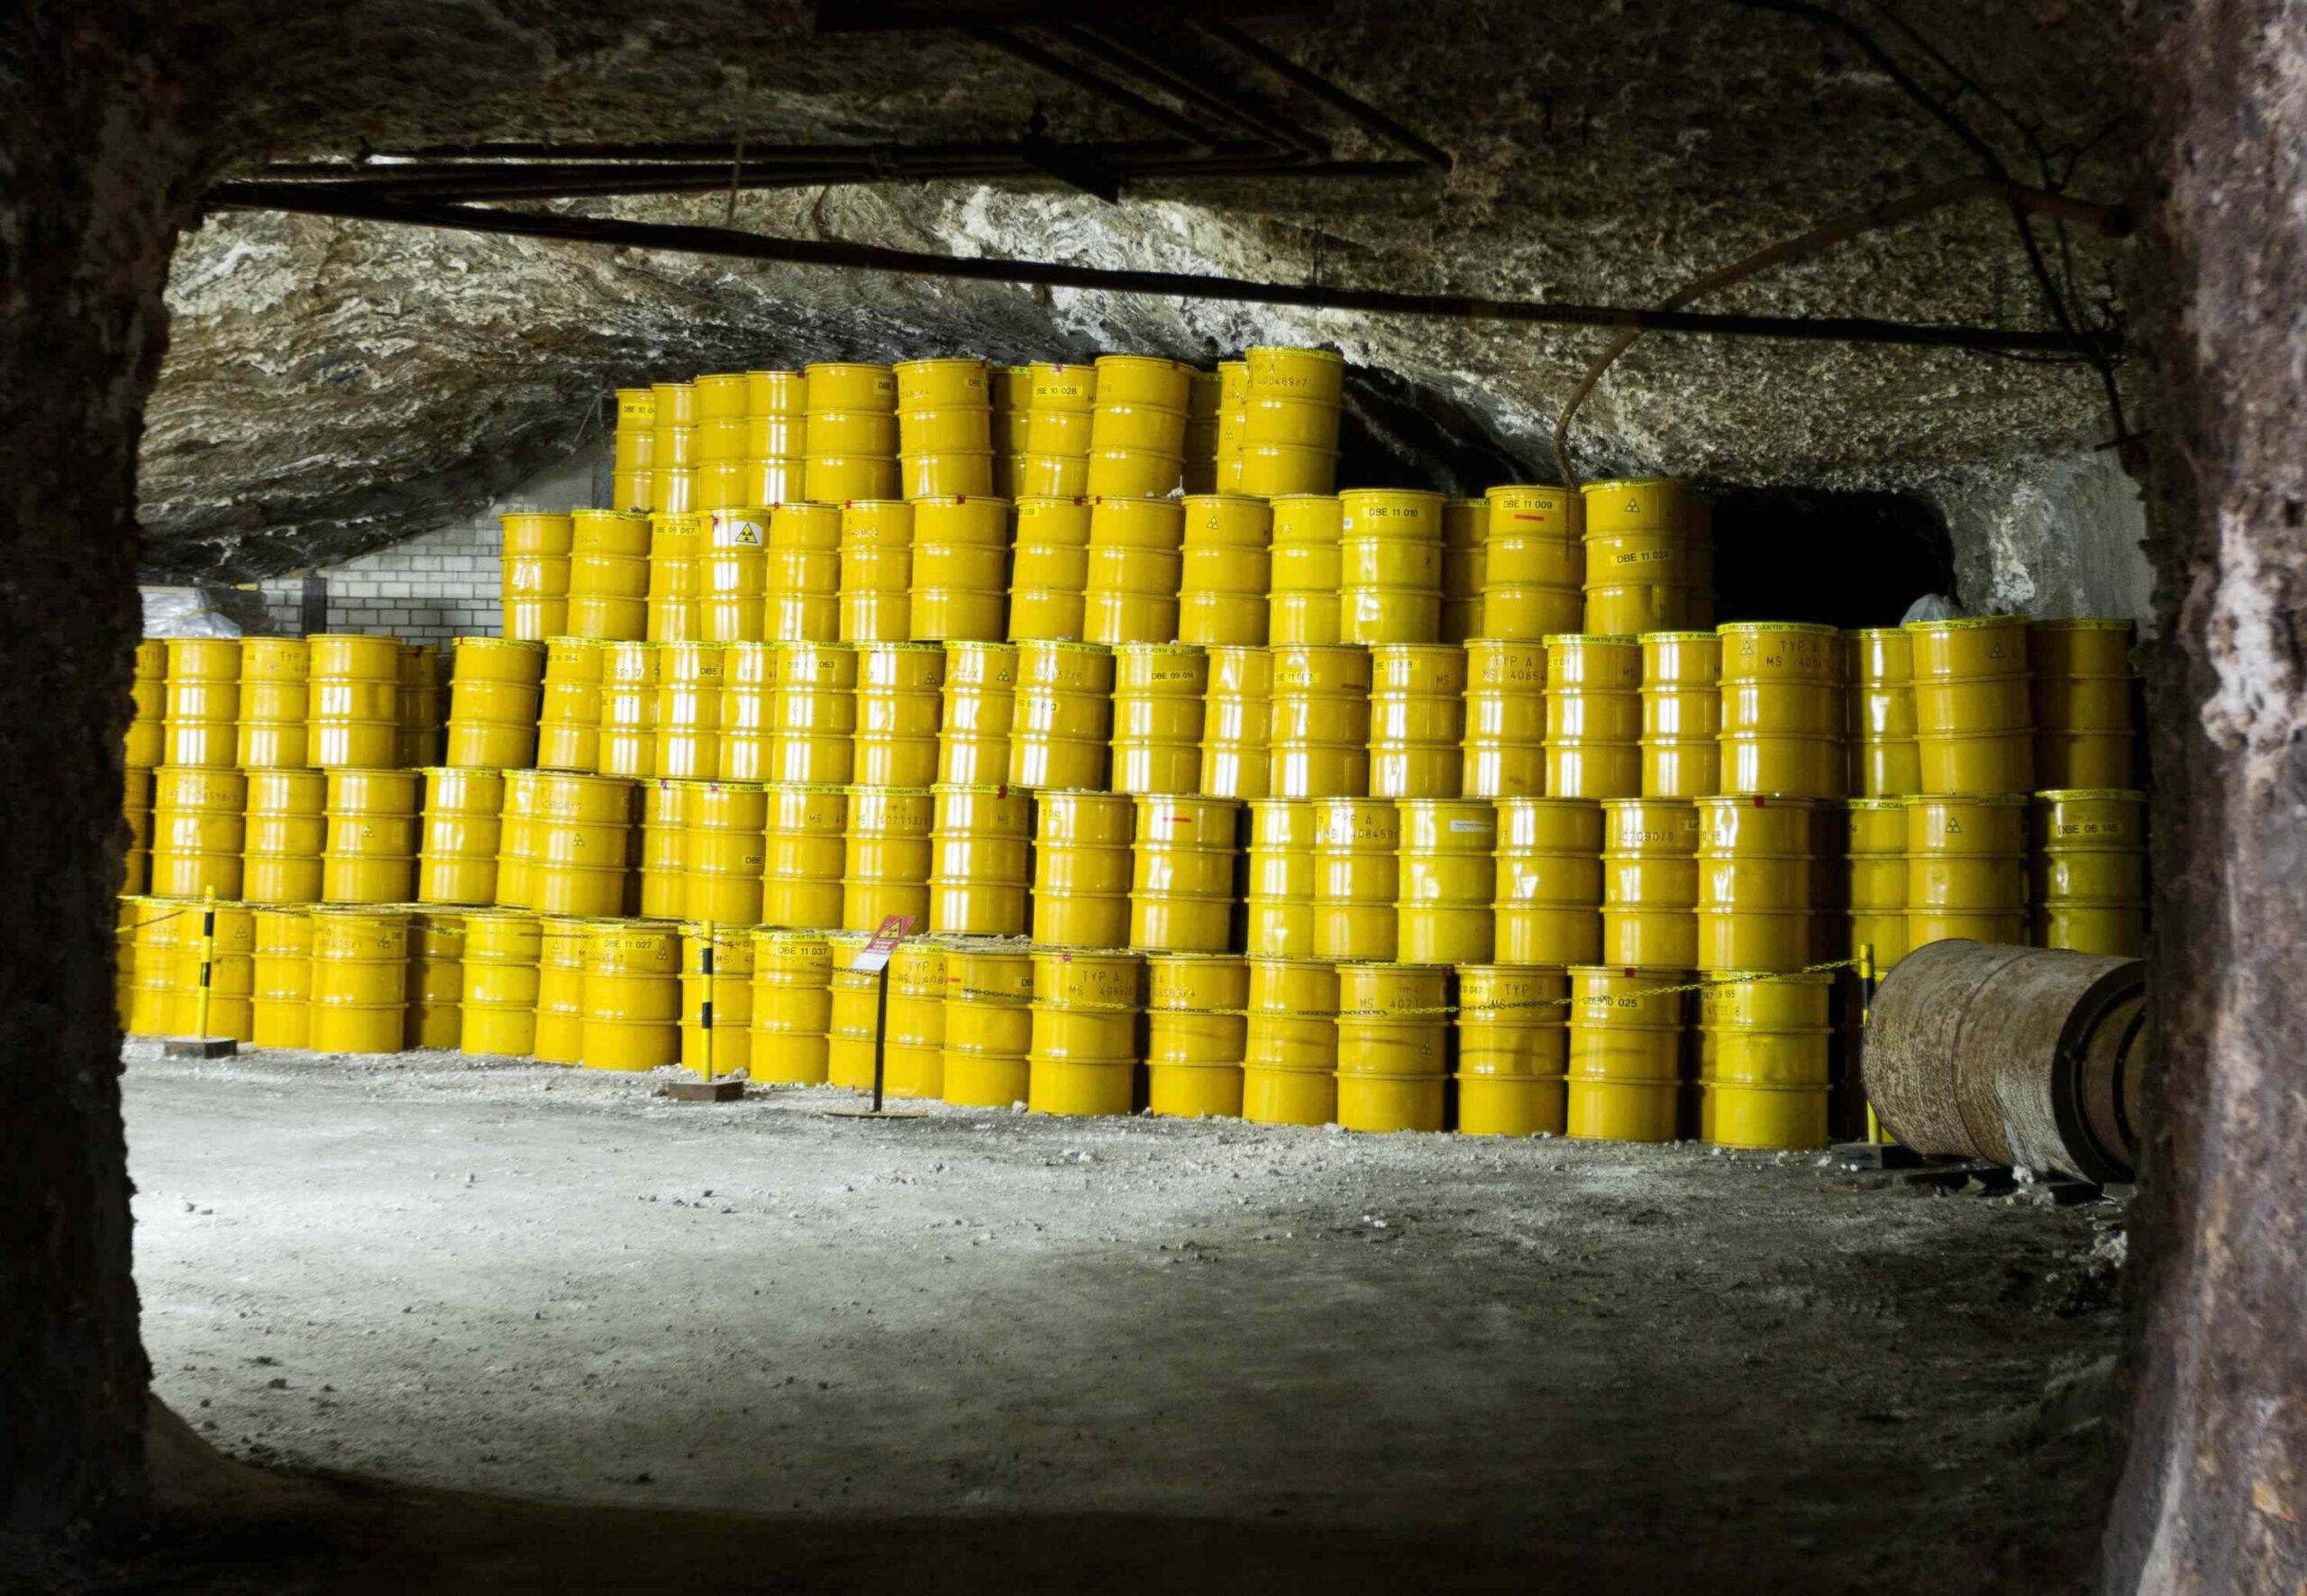 Il sito sotterraneo di Onkalo in Finlandia destinato a stoccaggio RX.